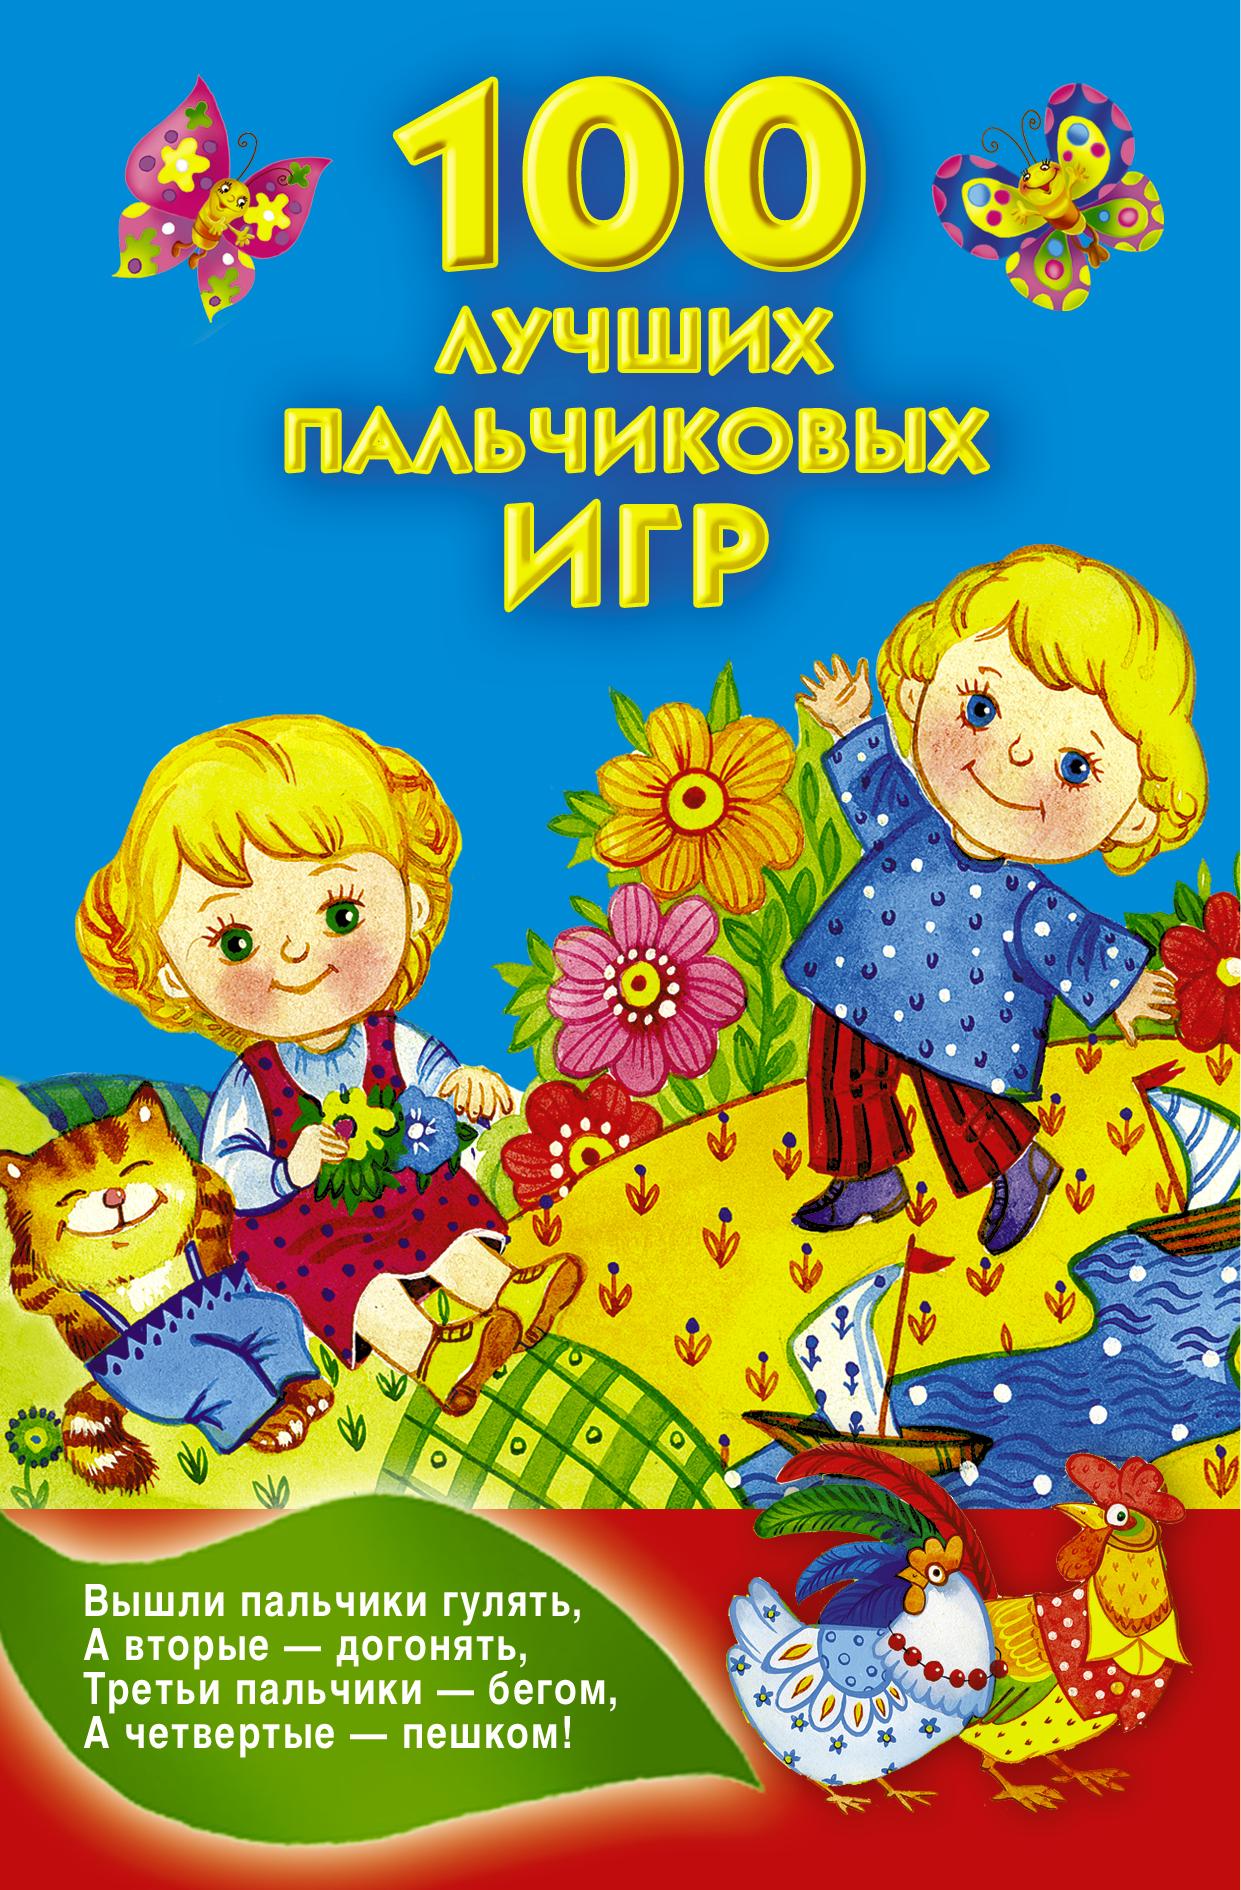 100 лучших пальчиковых игр ( Дмитриева В.Г.  )